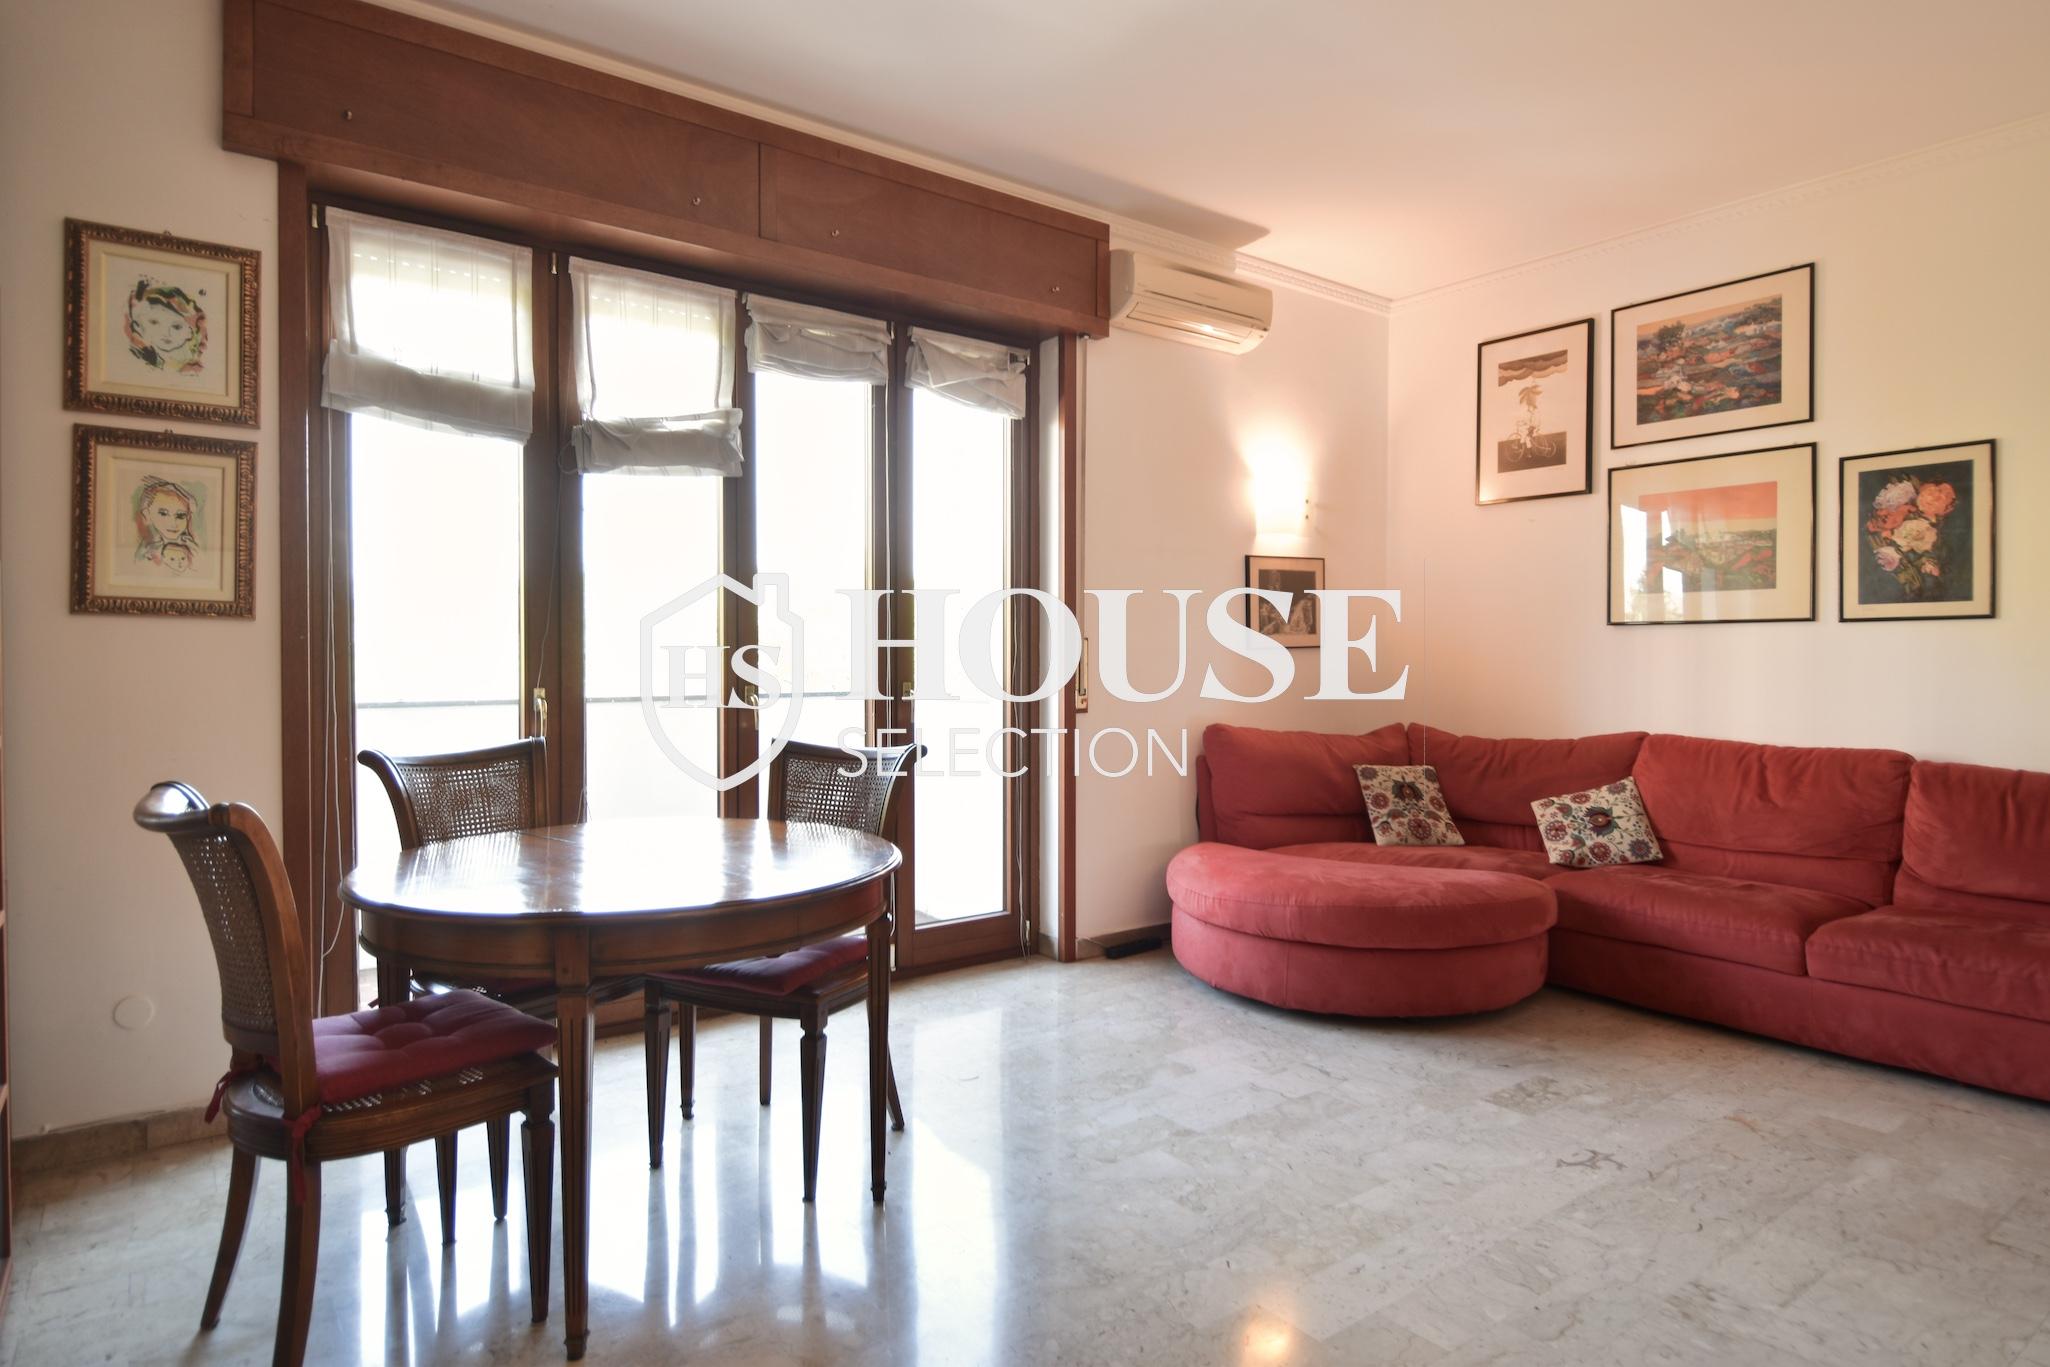 Vendita quadrilocale con balconi, piazza Bolivar, piano alto, luminoso, fermata metropolitana, Milano 12